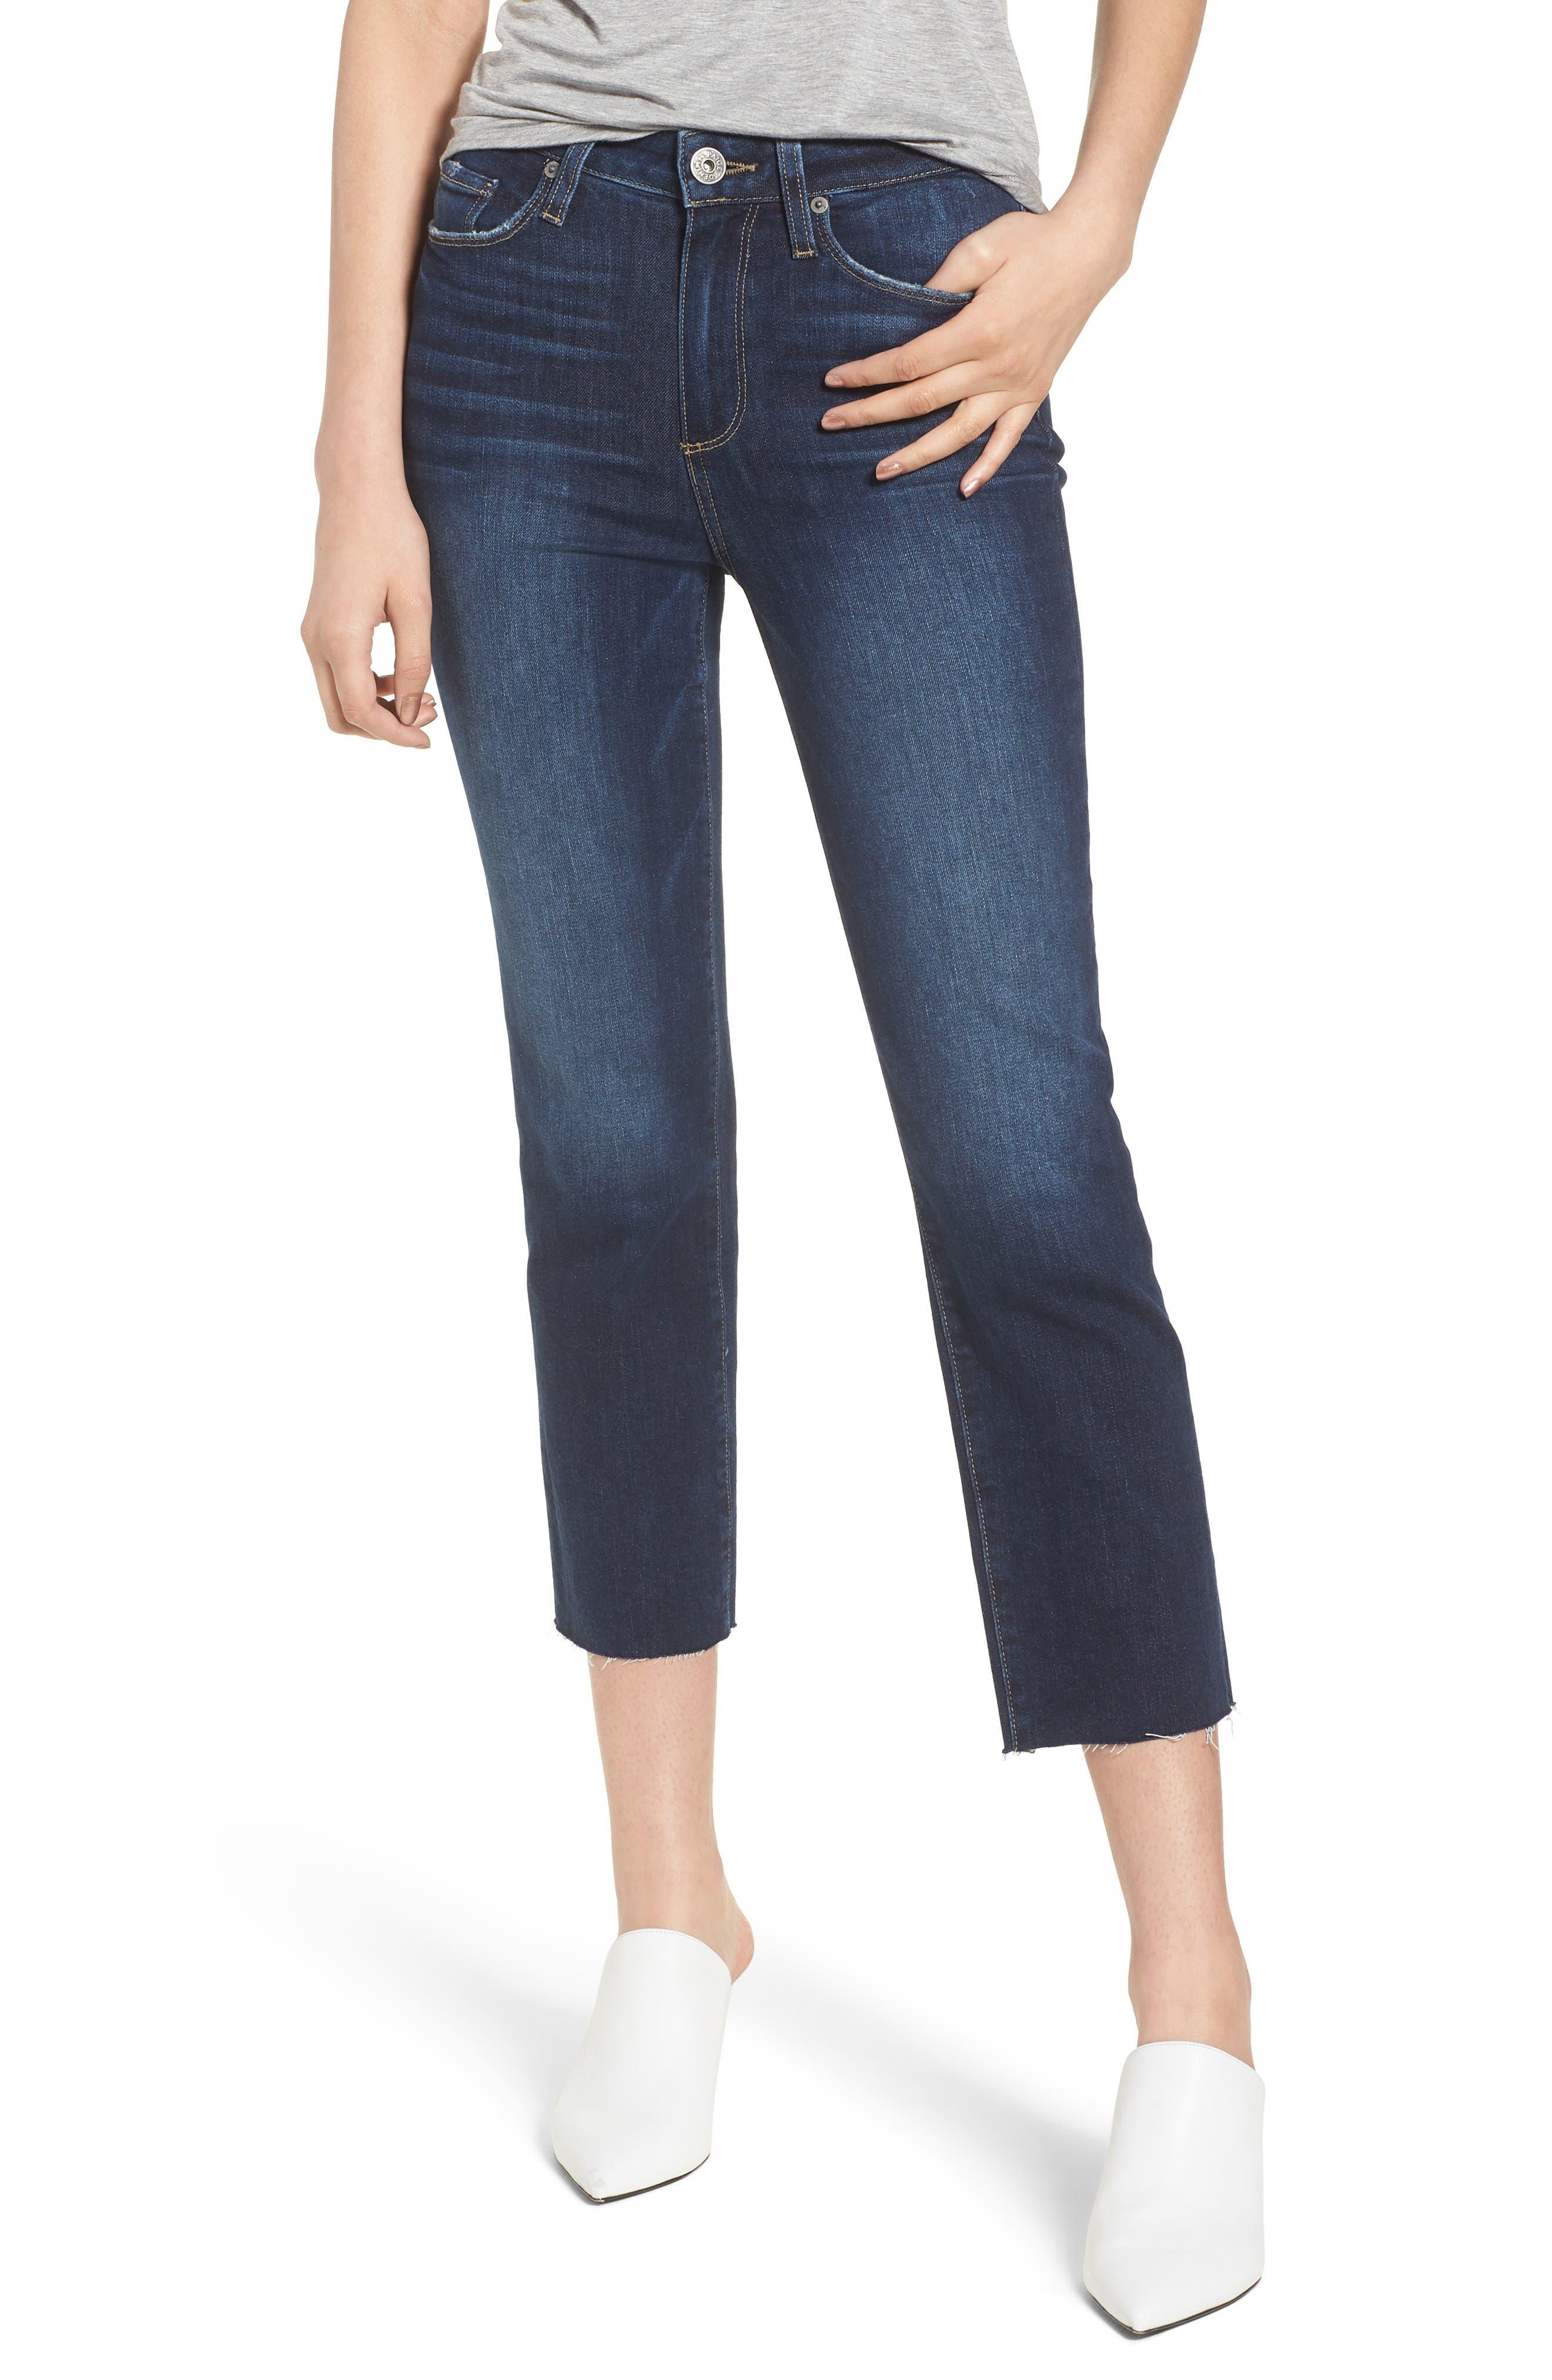 Hoxton High Waist Crop Straight Leg Jeans,                             Main thumbnail 1, color,                             Mazzetti